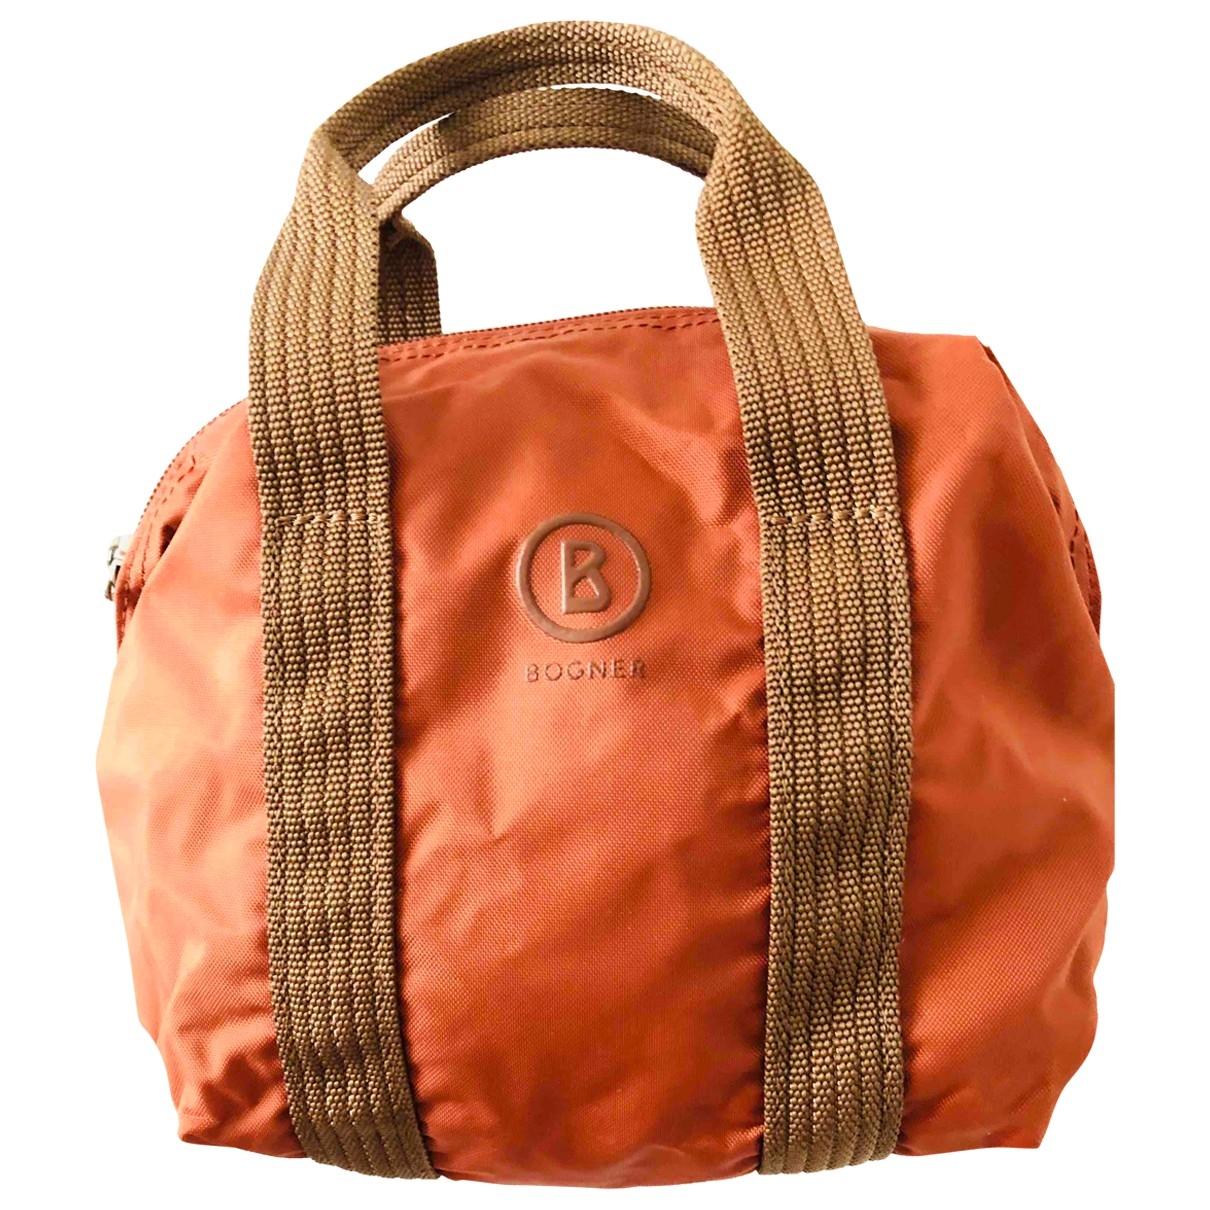 Bogner \N Orange handbag for Women \N